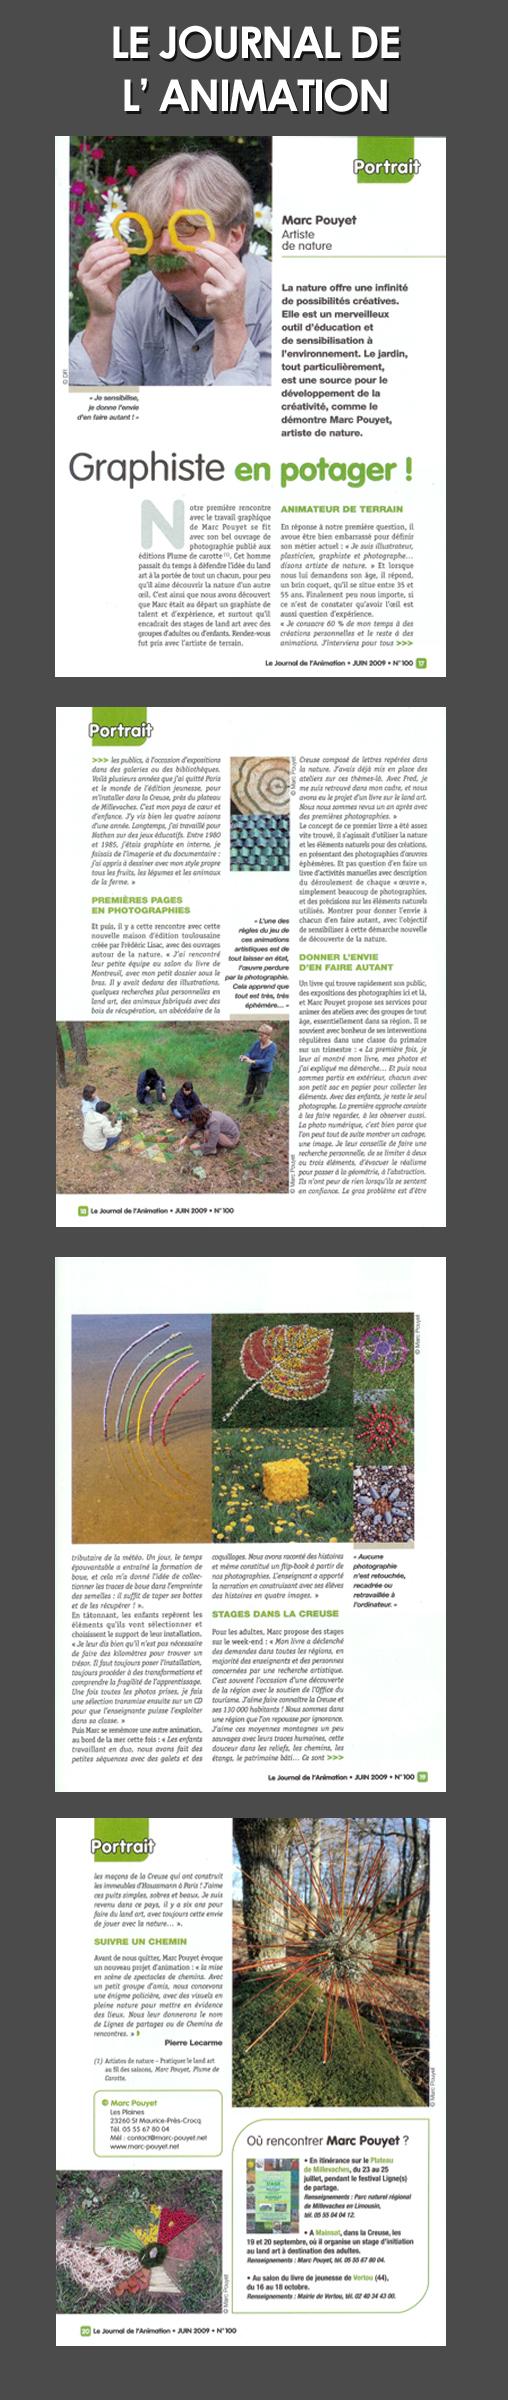 article-journal-de-lanimation-copie.jpg